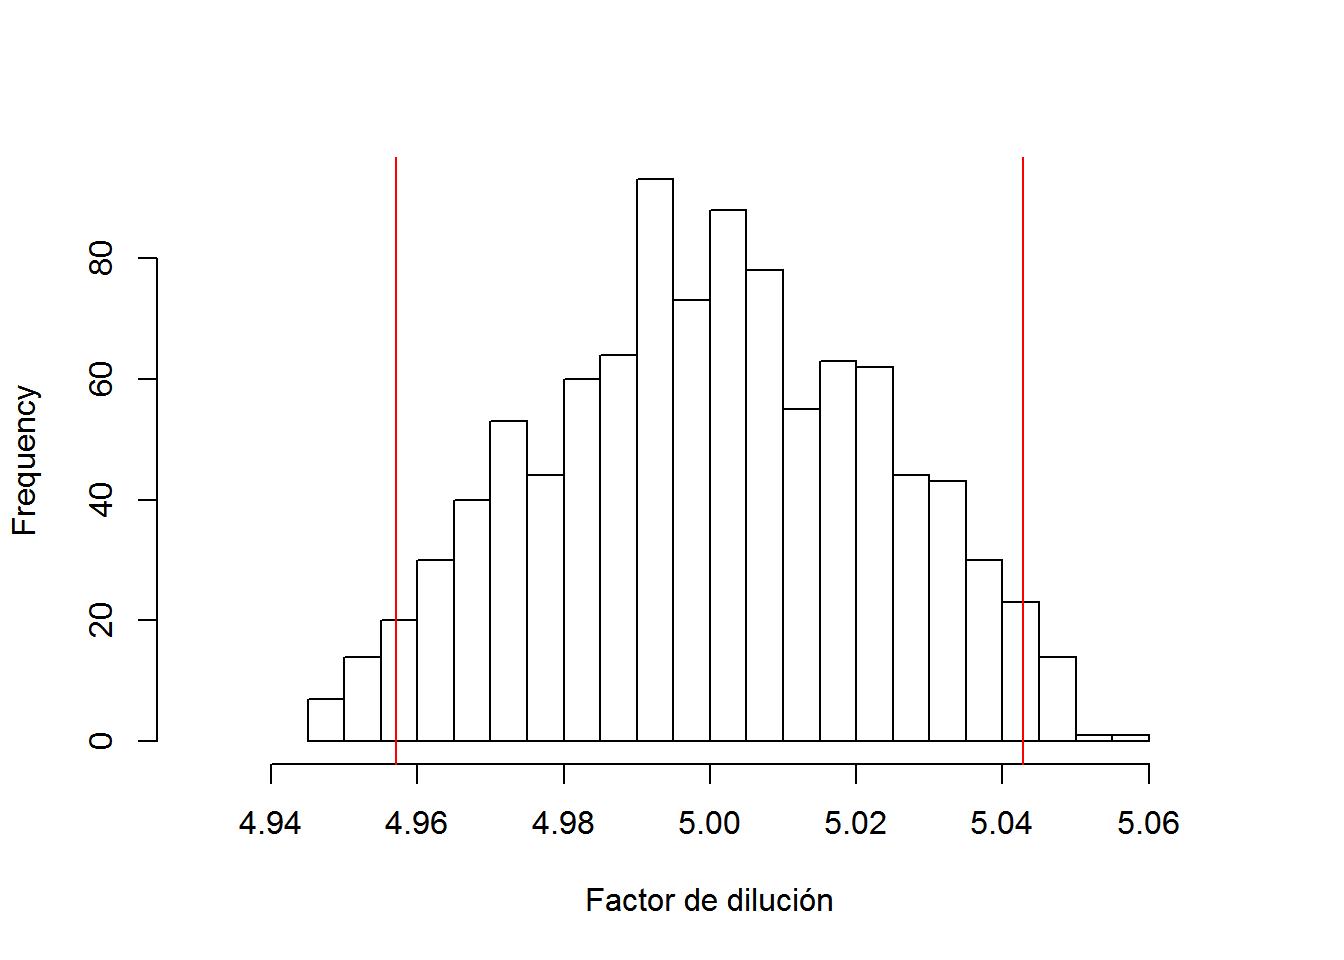 Intervalo de confianza al 95% de los datos simulados del factor de dilución